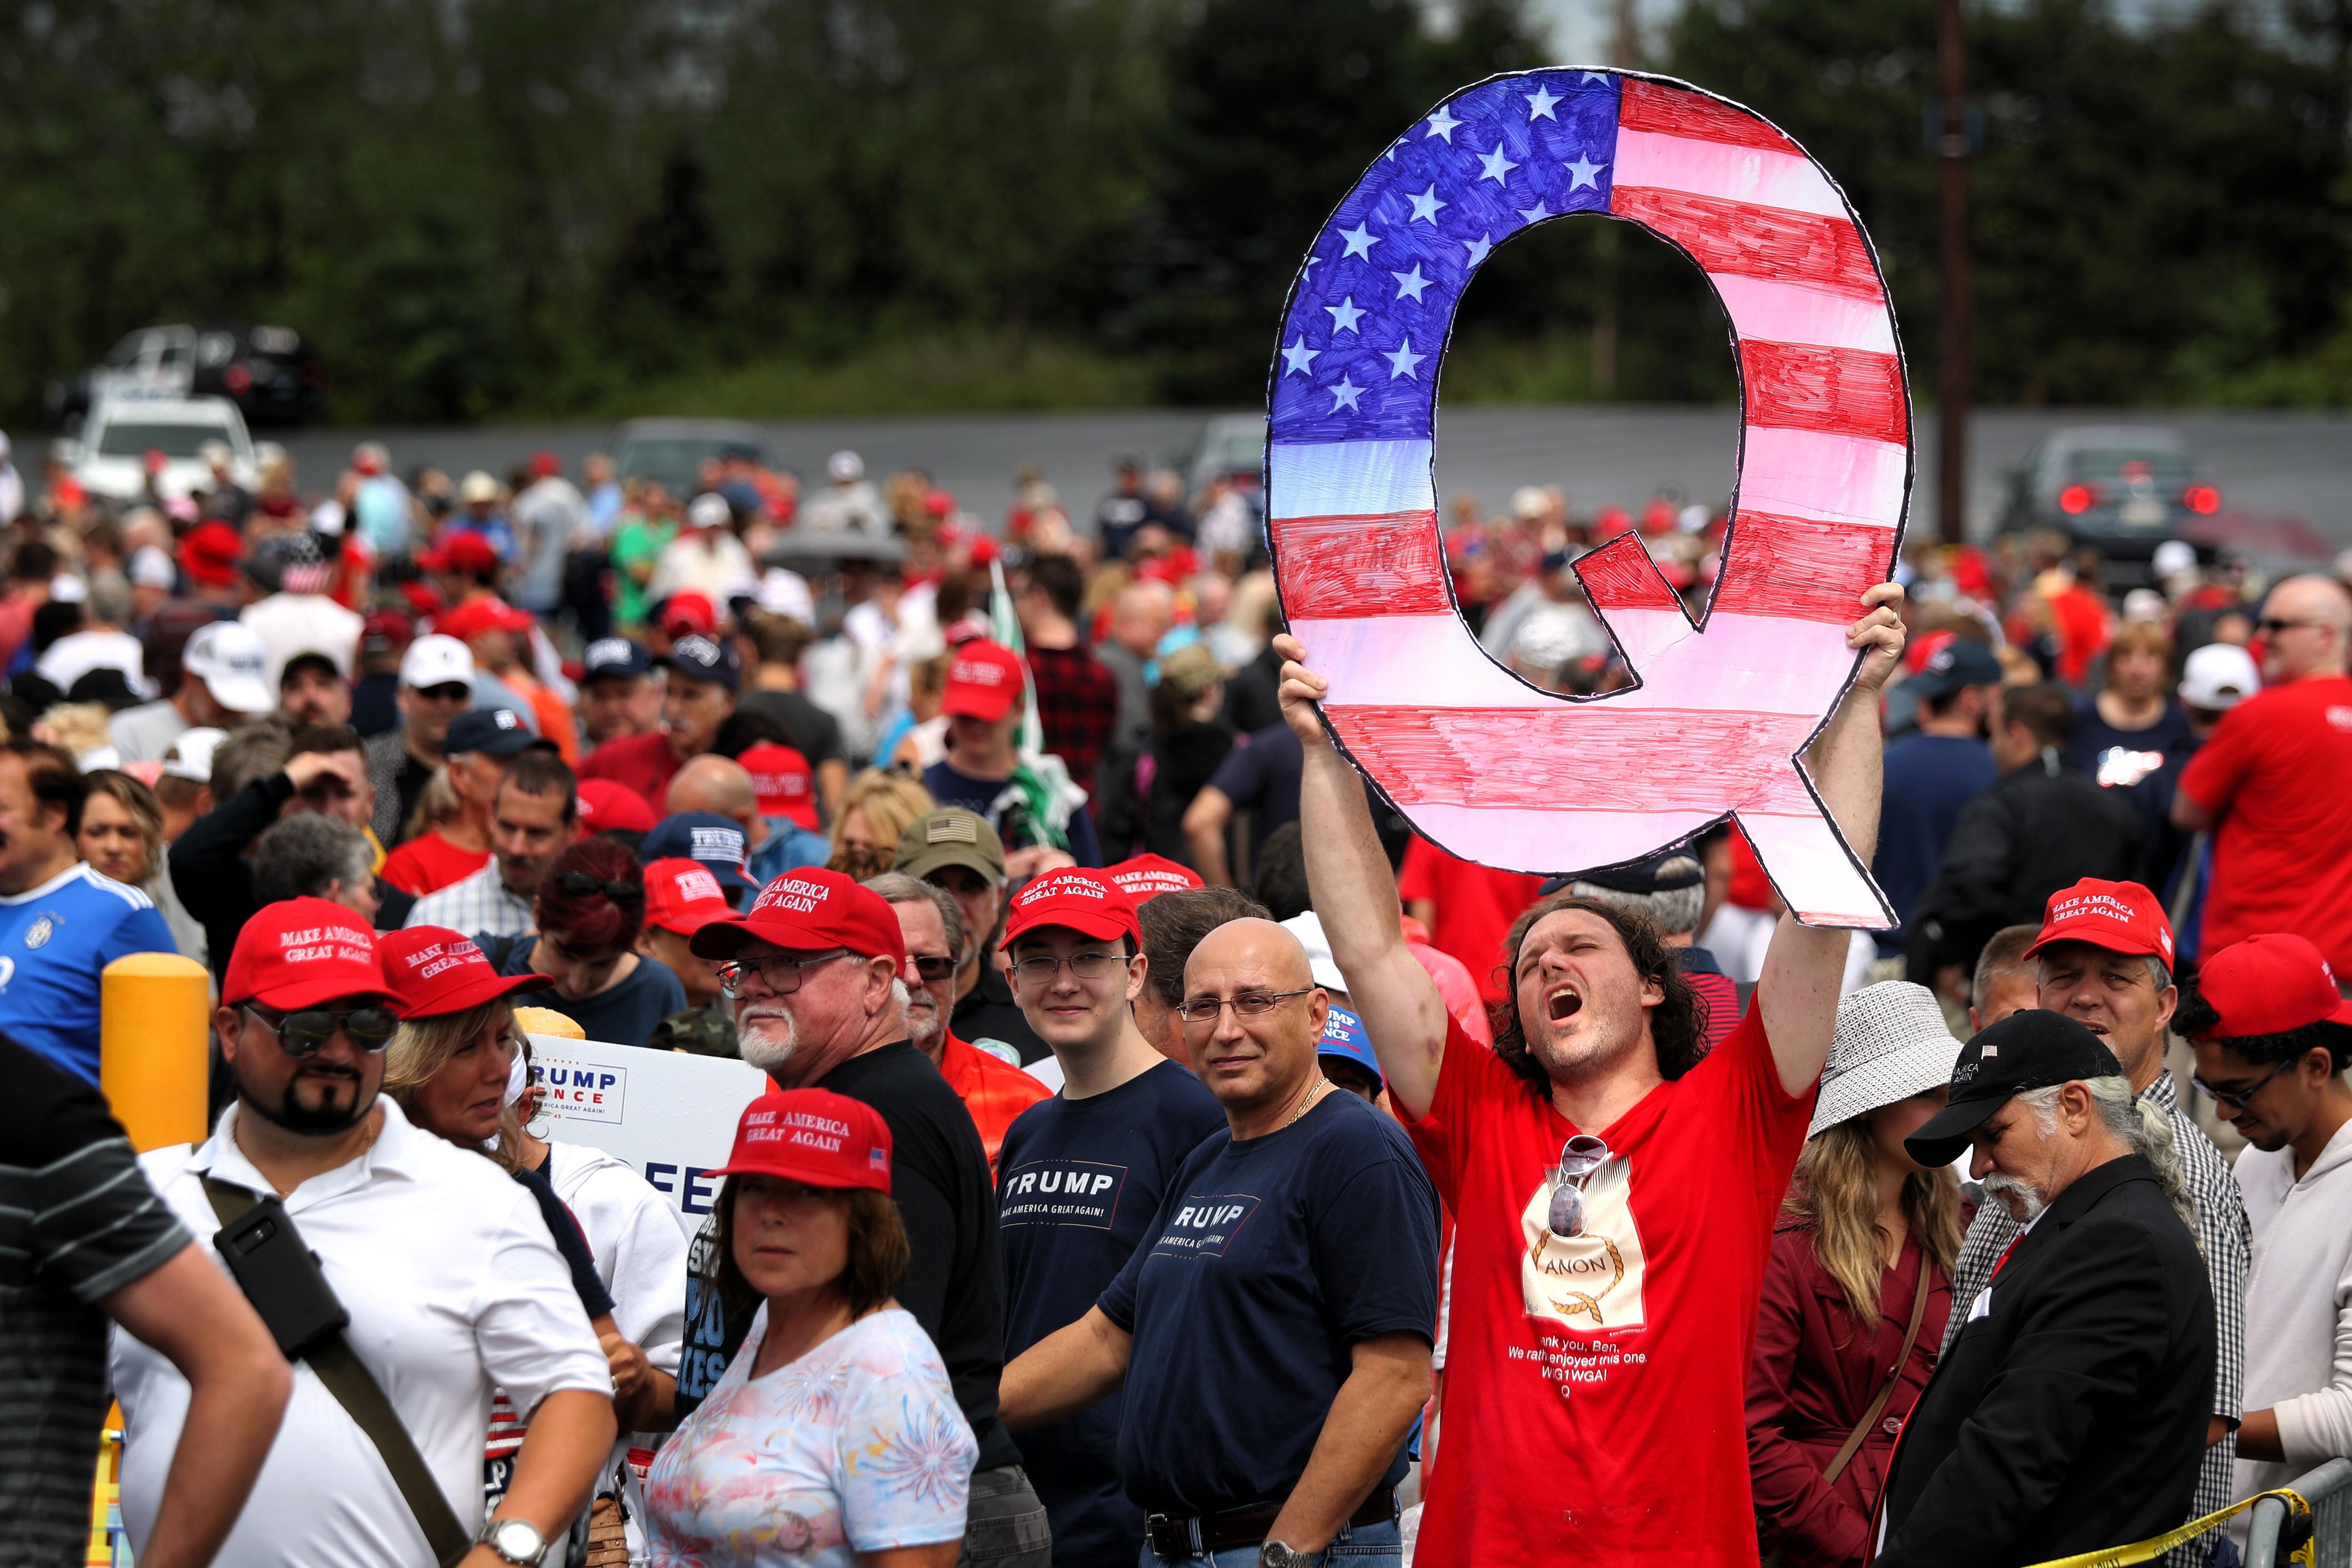 ペンシルベニアでの2018年の集会でドナルド・J・トランプ大統領に会うために並んで待っている間、デビッド・ライナートは大きな「Q」サインを掲げています。